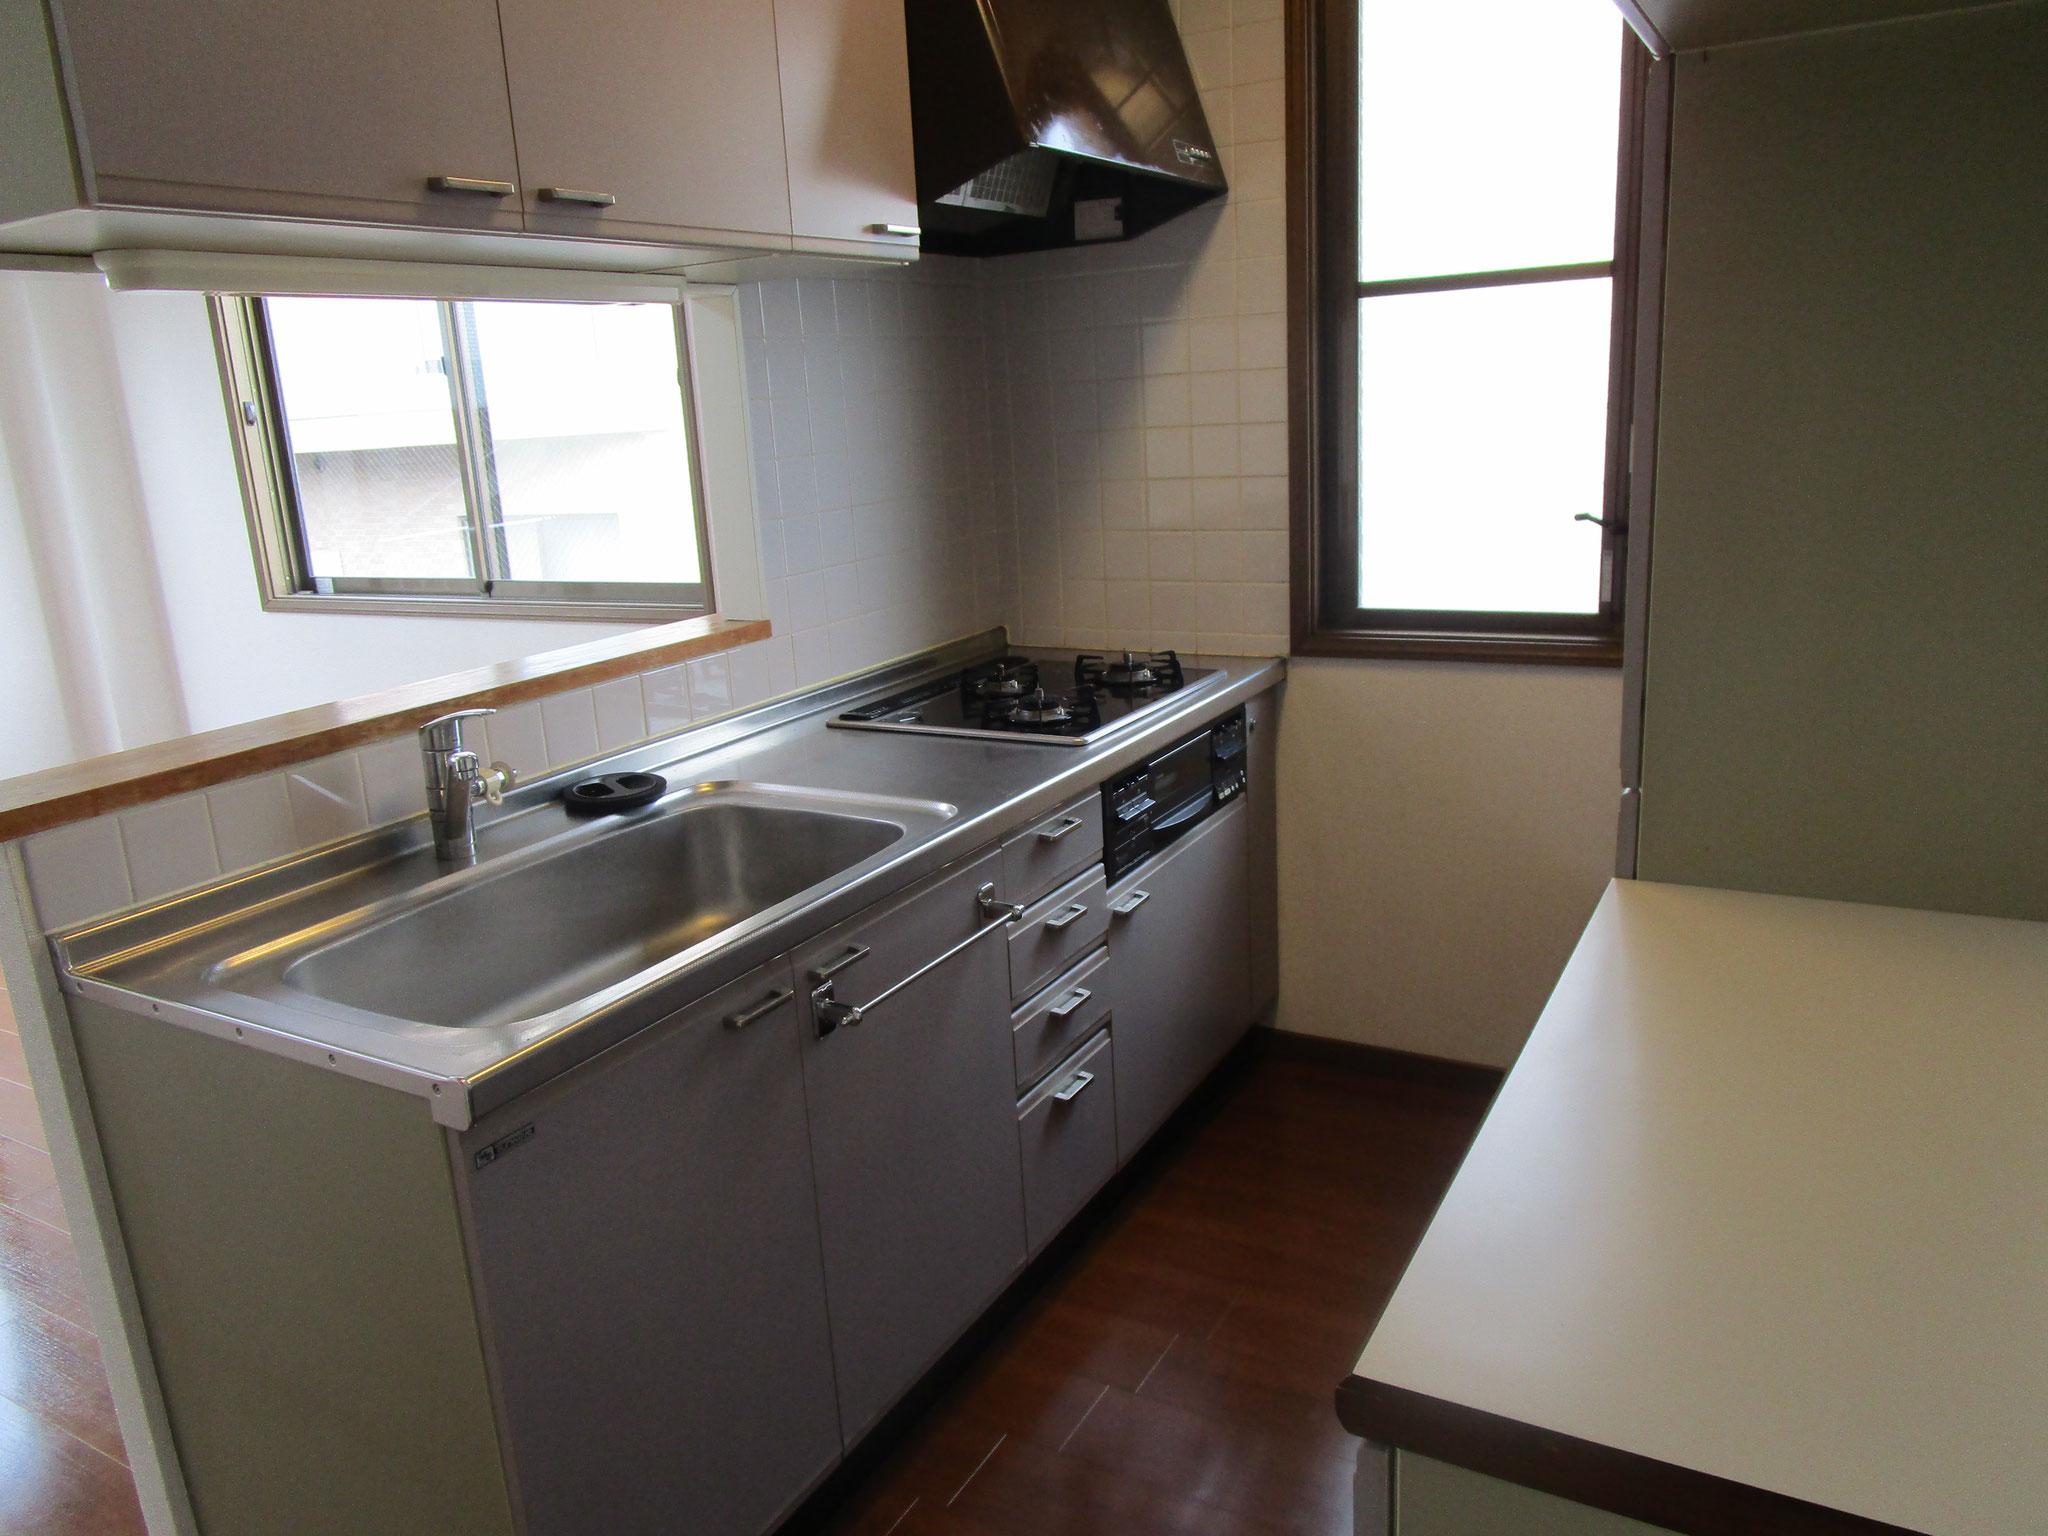 対面式キッチン(3口ガスコンロ・グリル付き)です